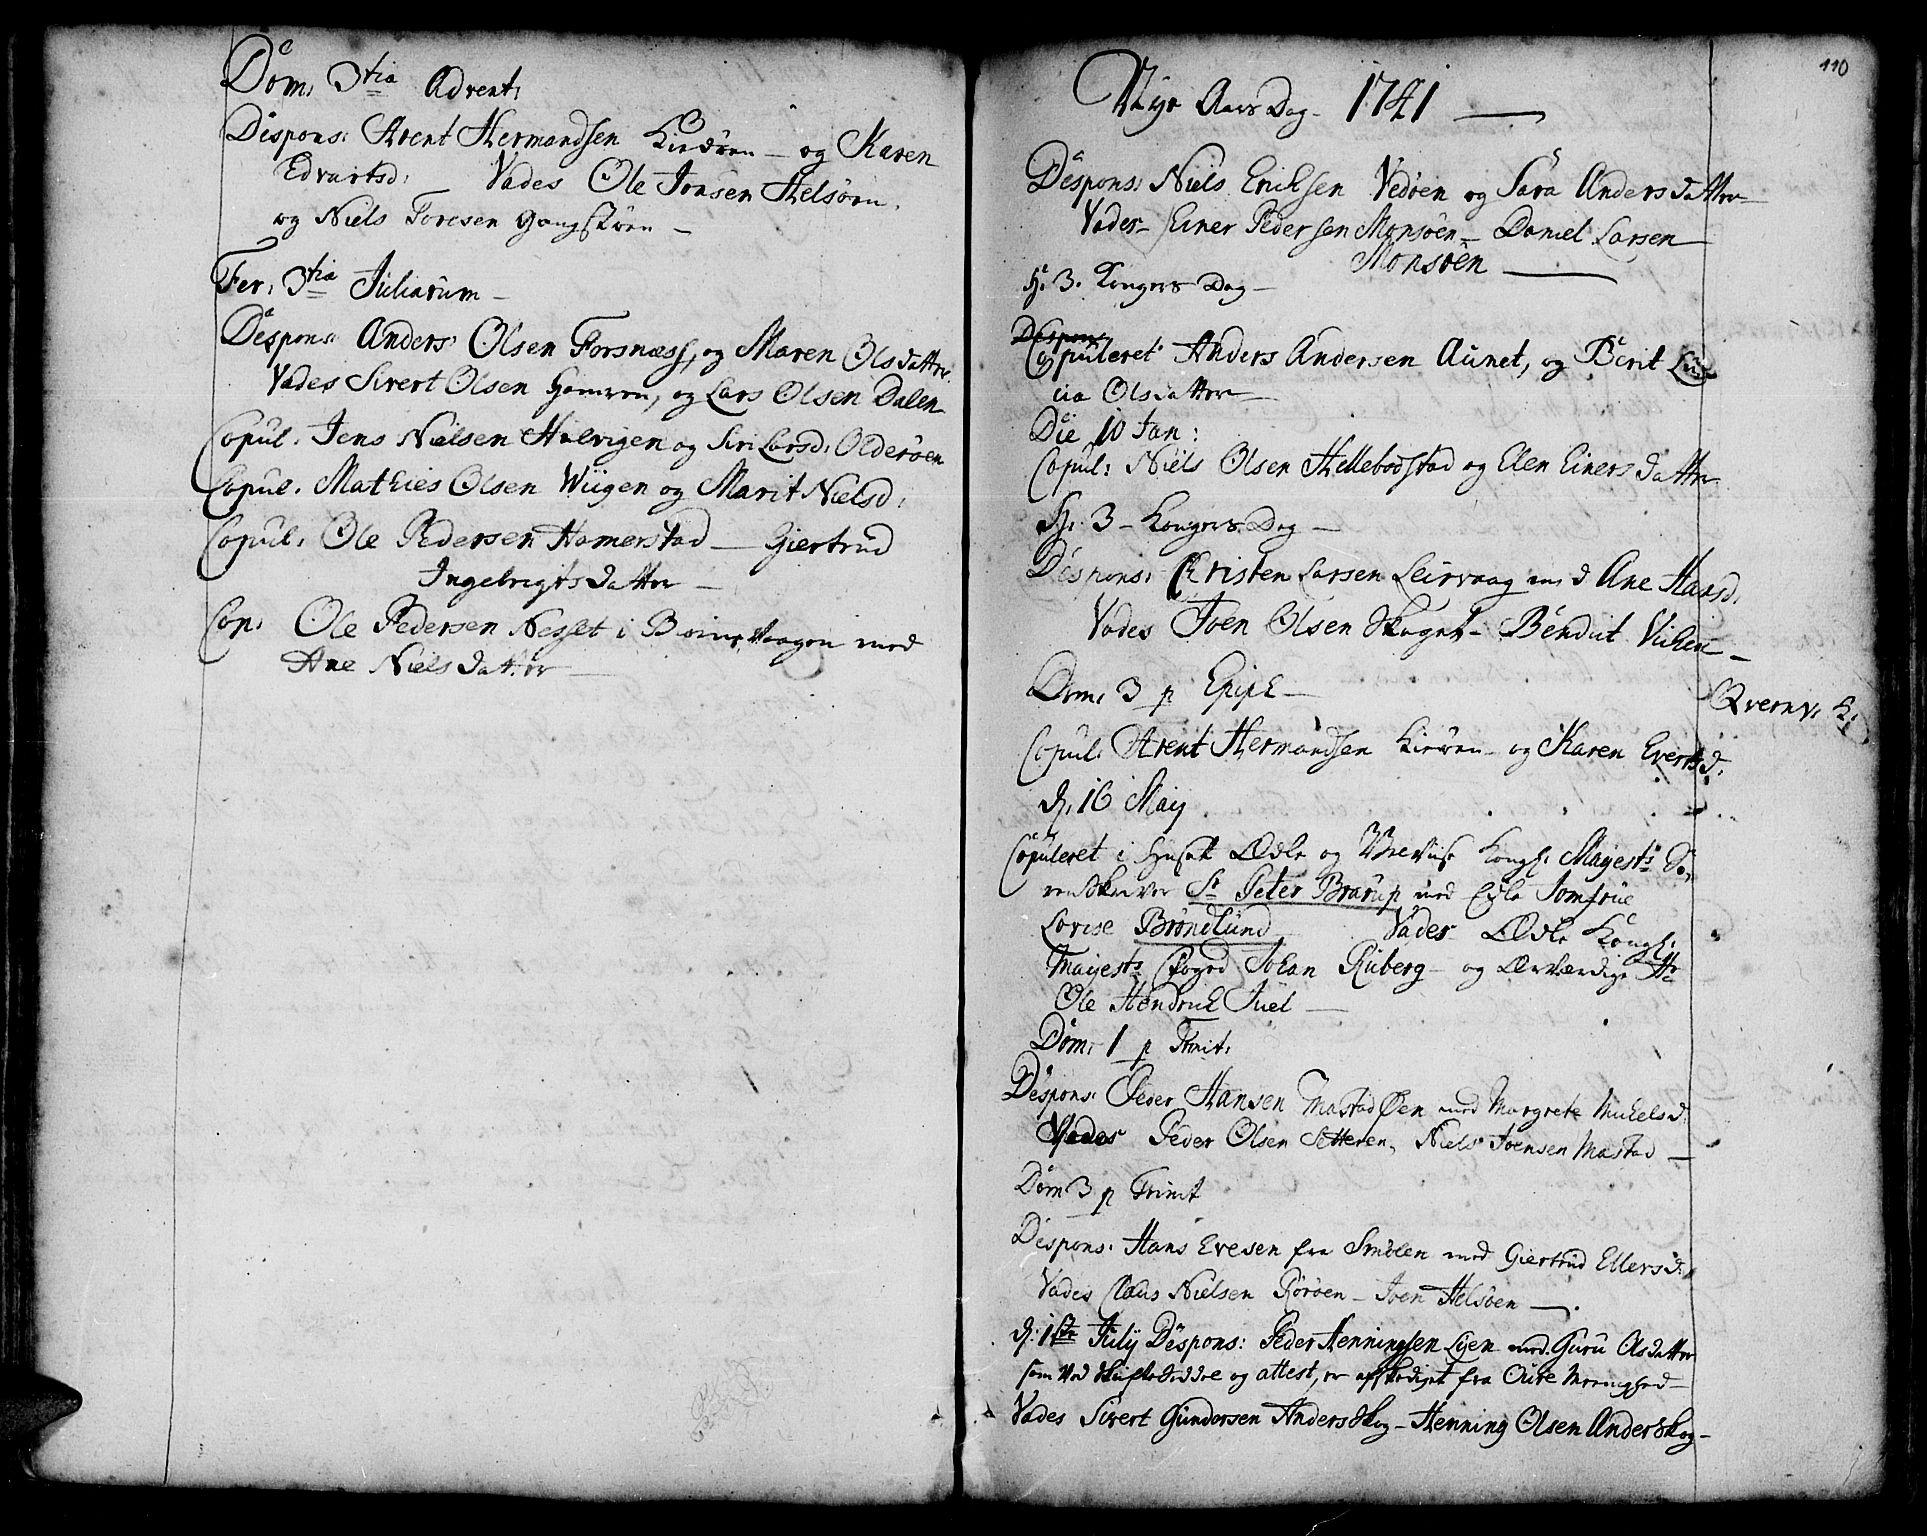 SAT, Ministerialprotokoller, klokkerbøker og fødselsregistre - Sør-Trøndelag, 634/L0525: Ministerialbok nr. 634A01, 1736-1775, s. 110